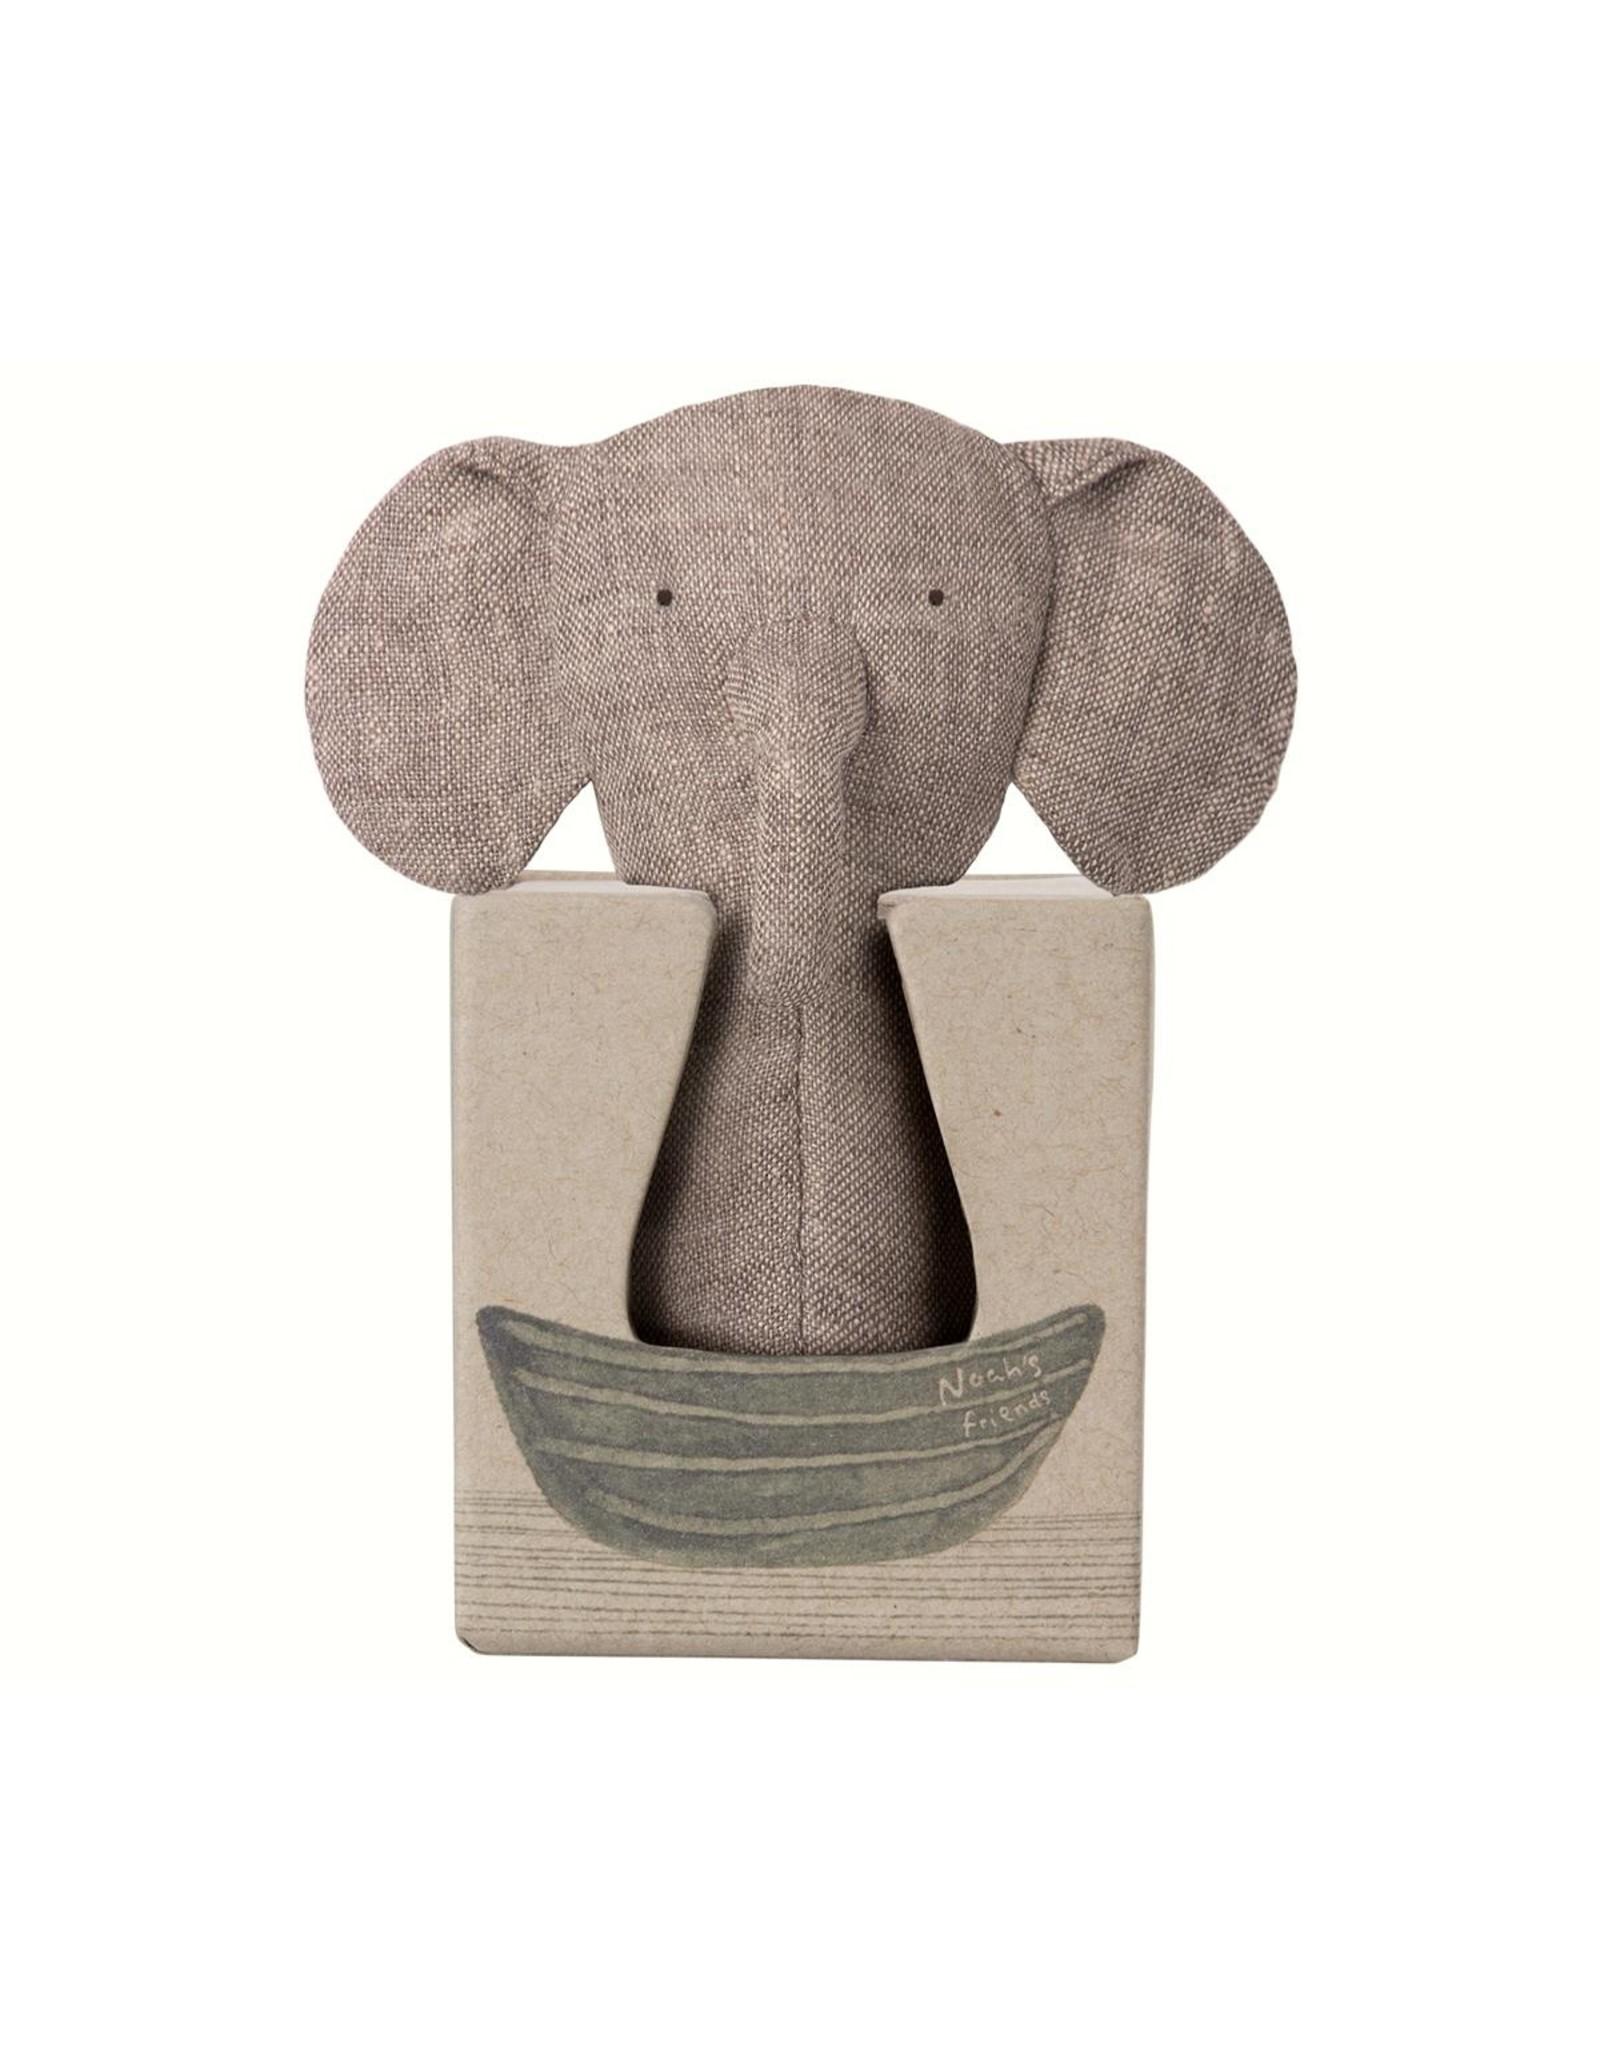 Maileg Maileg Noah's Friends, Elephant Rattle